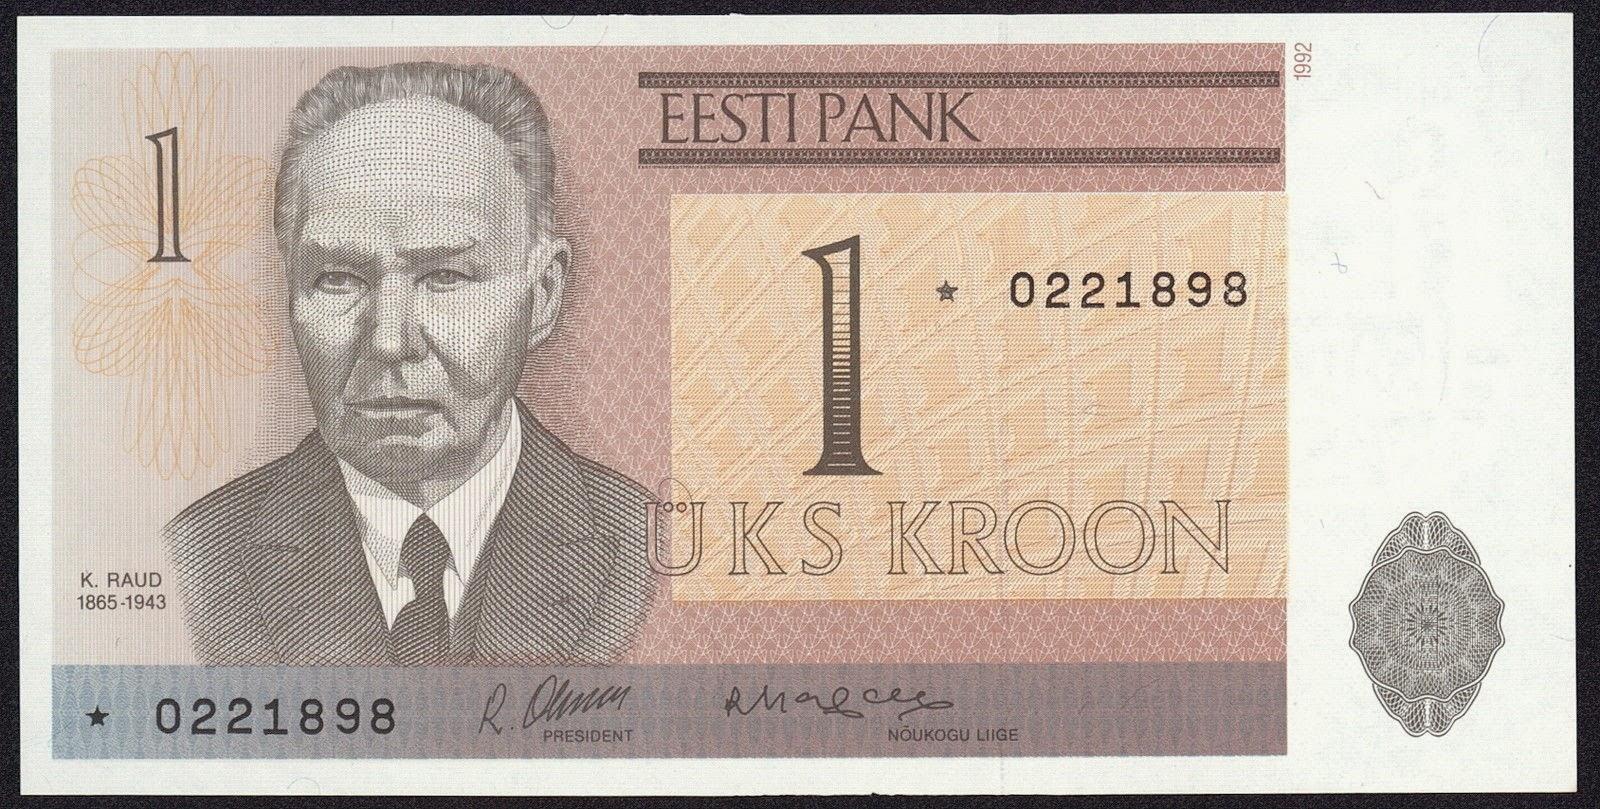 Estonia currency money 1 kroon banknote, Kristjan Raud